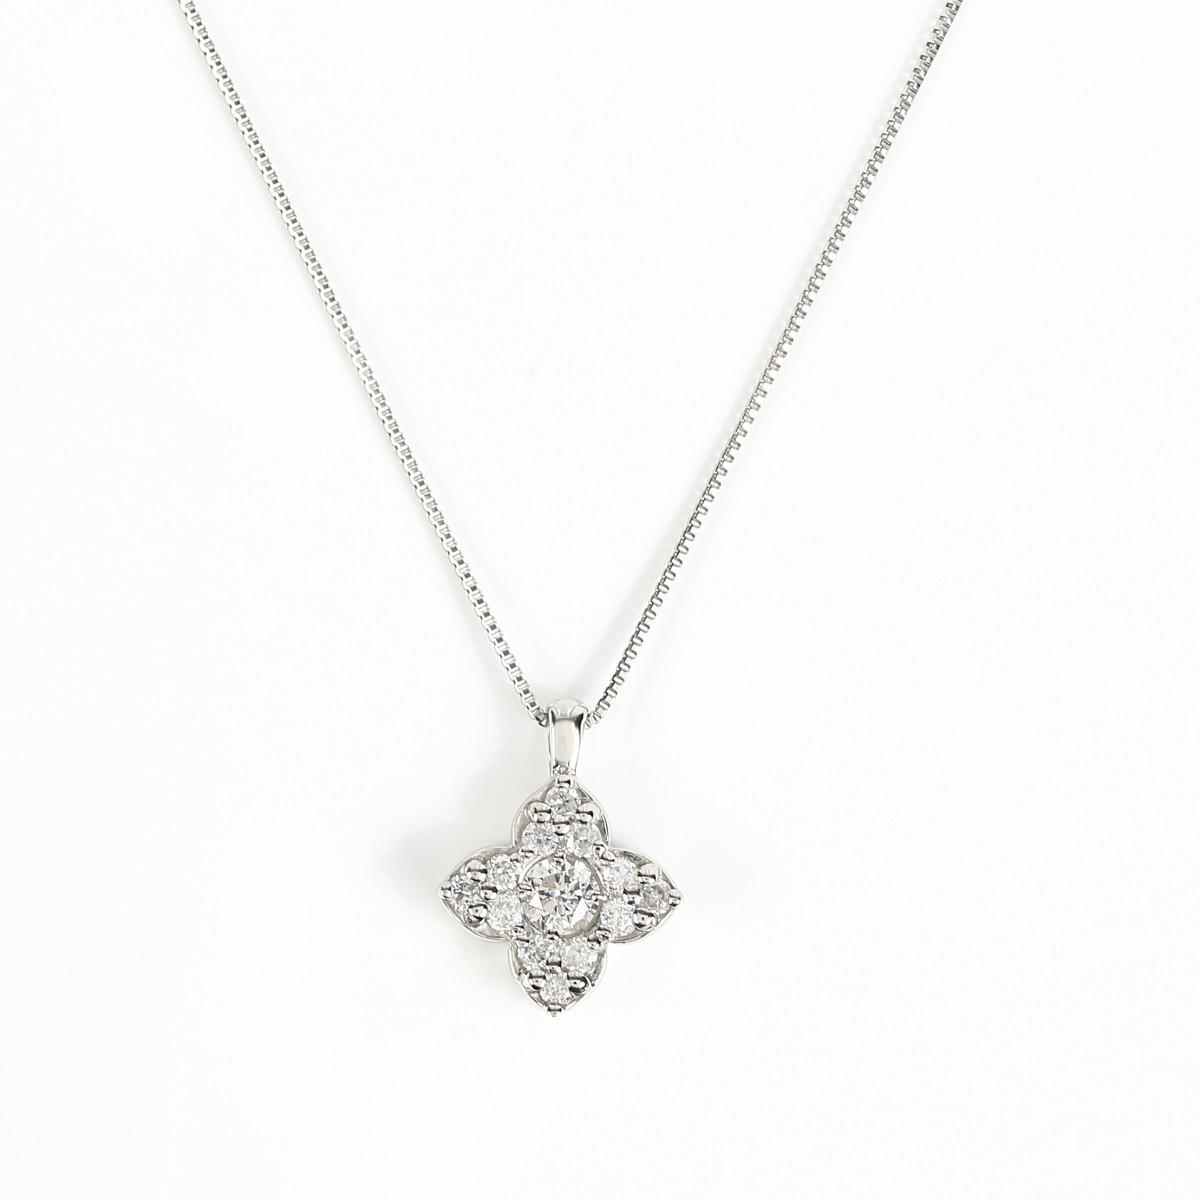 プラチナ Pt900 ダイヤモンドネックレス ダイヤ 0.22ct (Pt850 0.5mm 40cm ベネチアンチェーン)